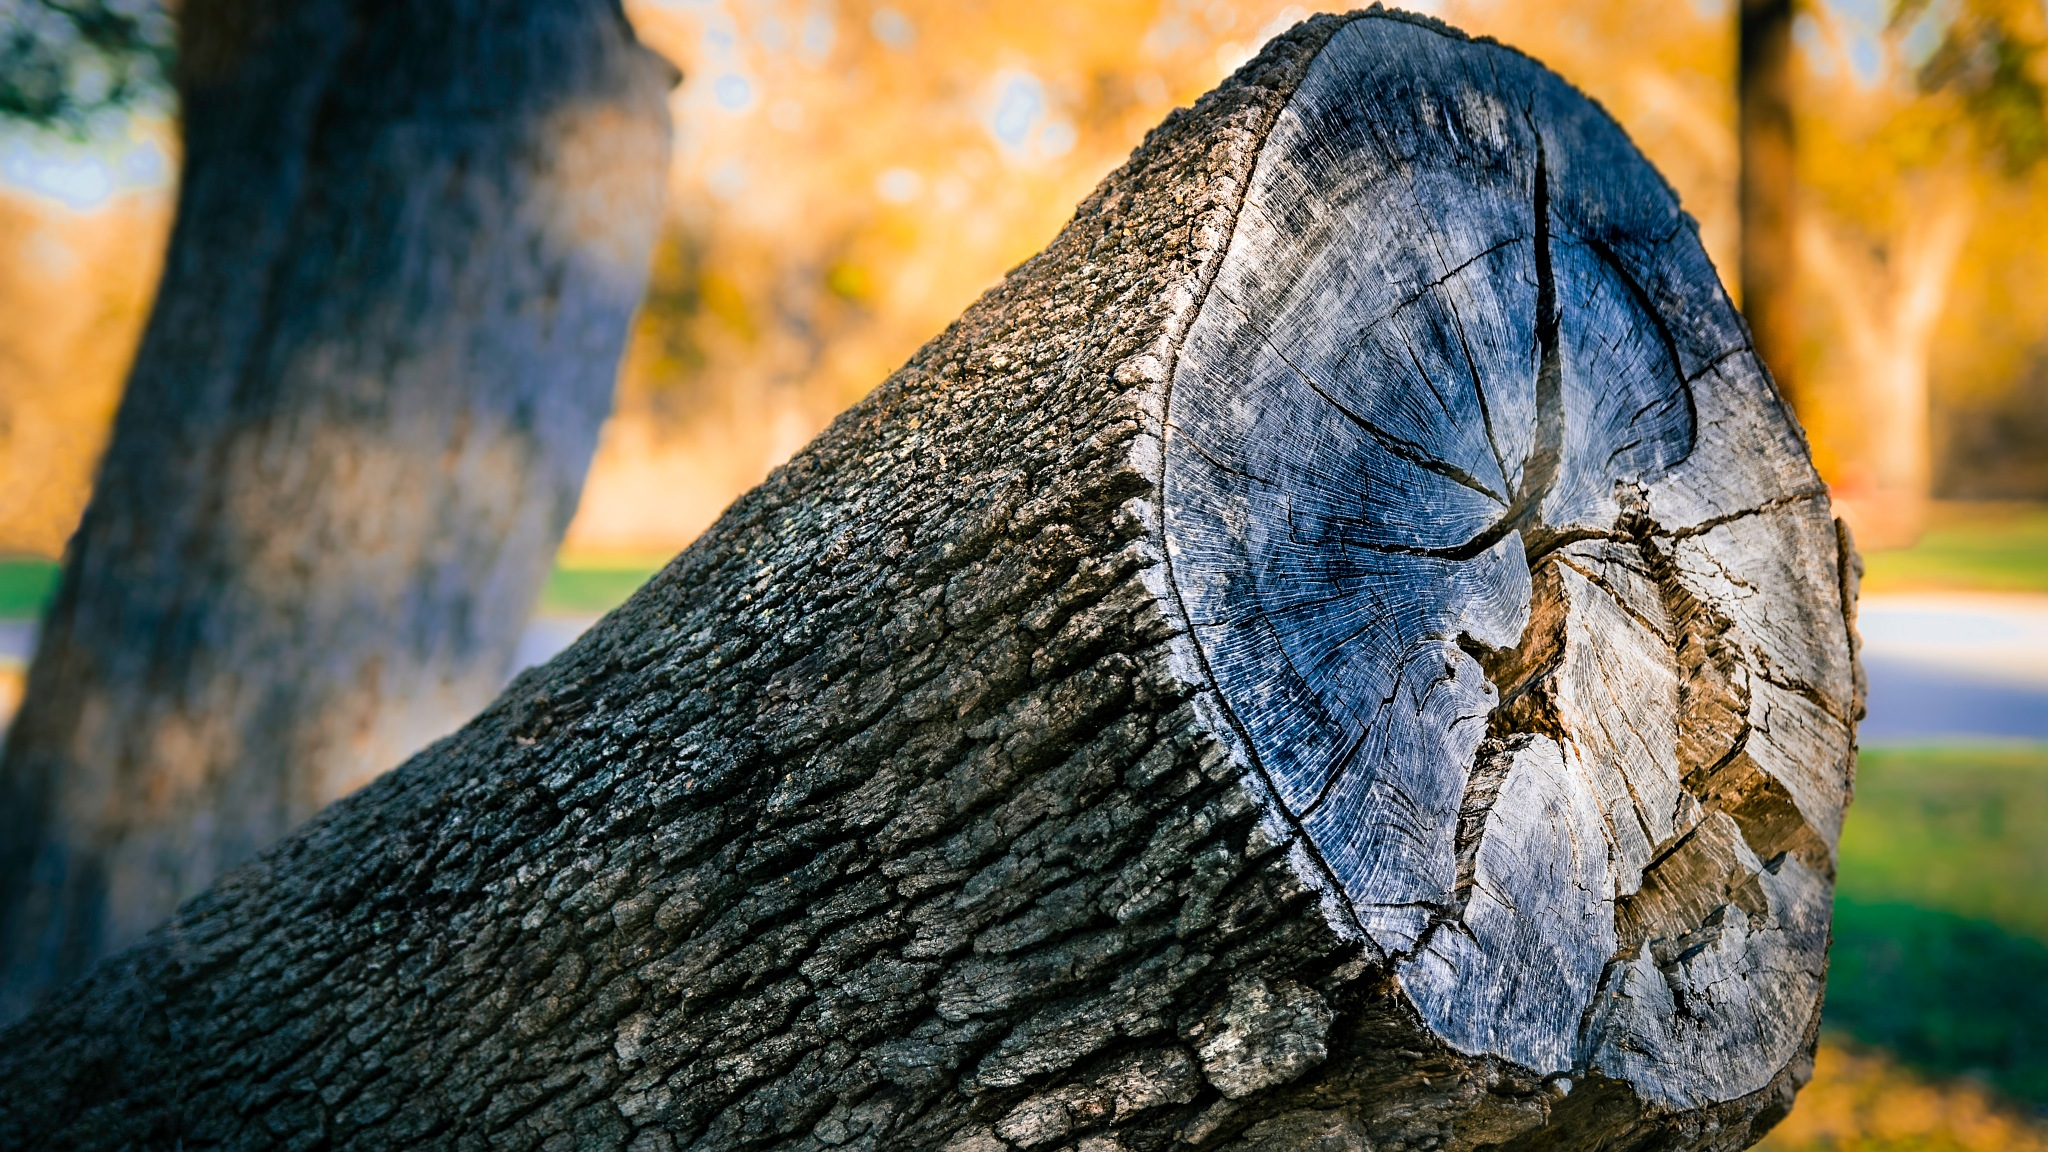 Tree Stump by Lane L Gibson